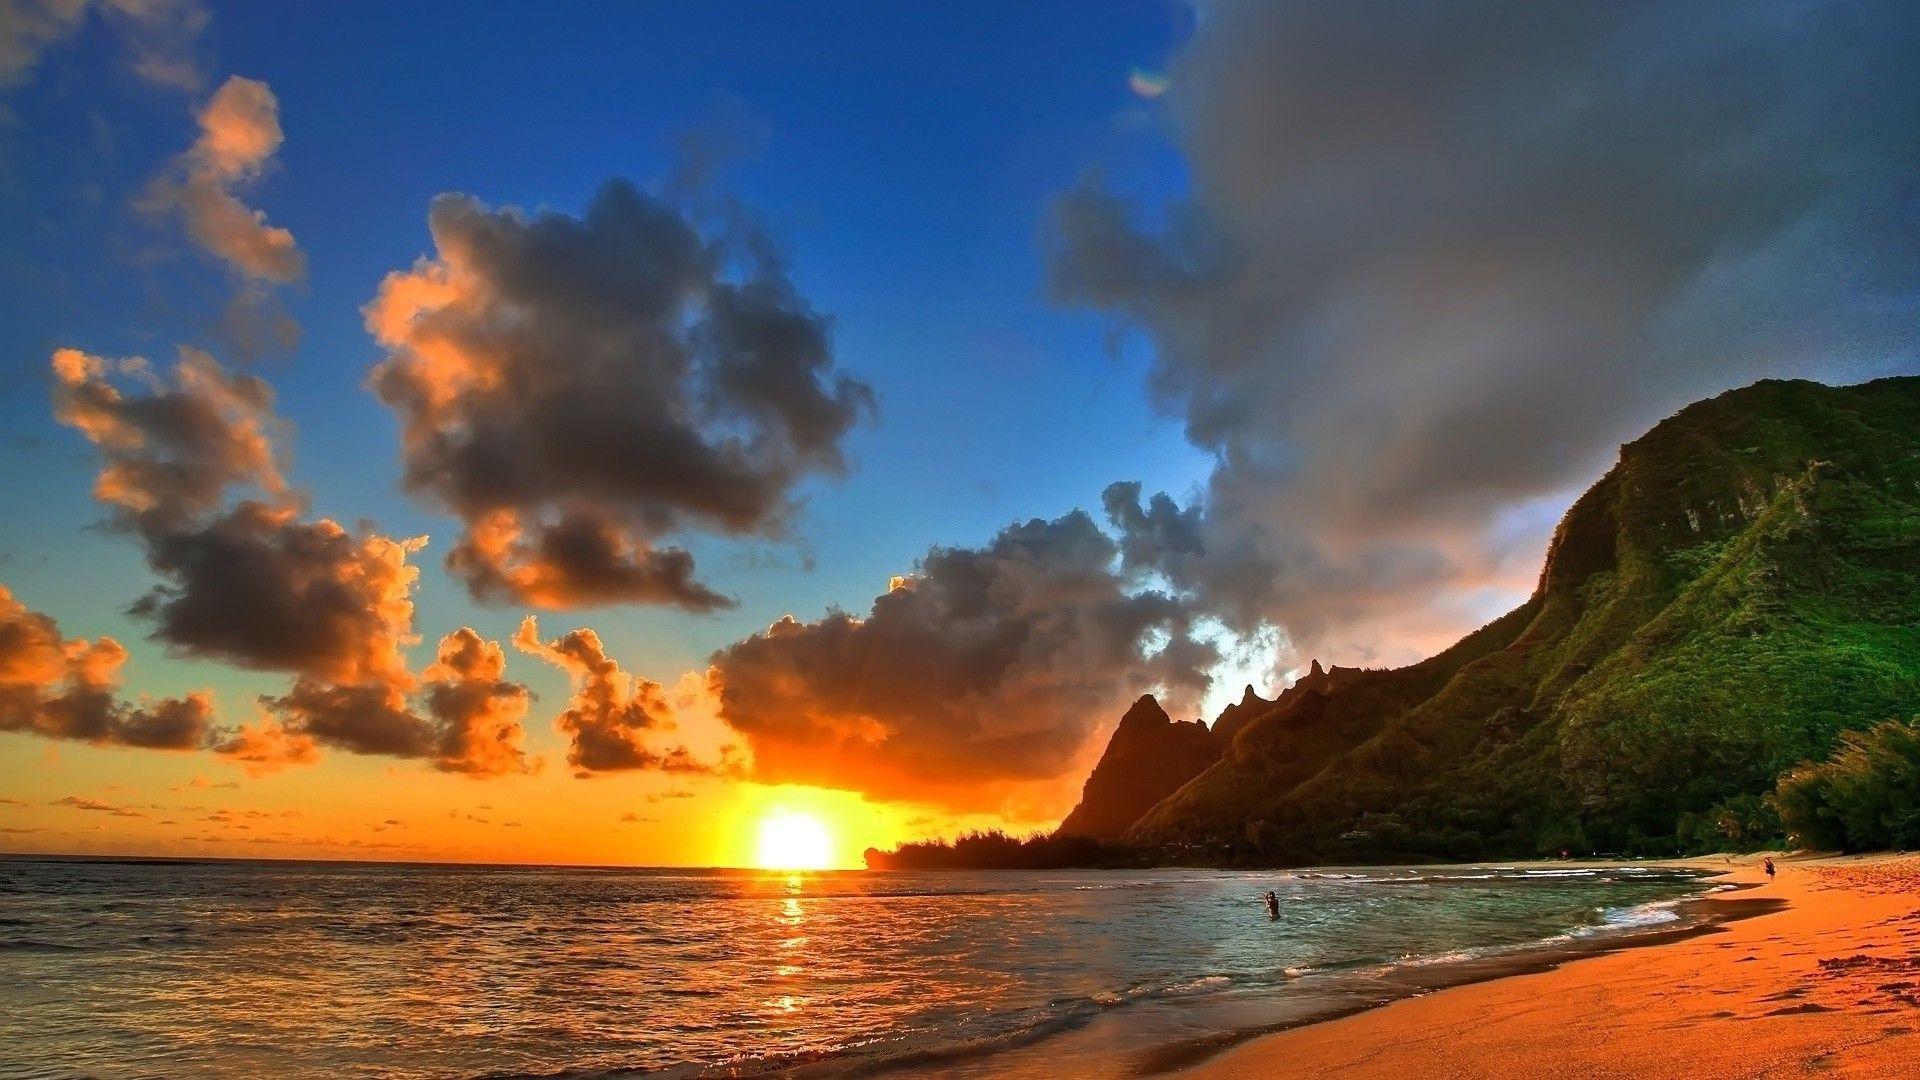 Beach Sunset 1080p Hd For Desktop High Definition Wallpaper Beach Sunset Wallpaper Beach Wallpaper Sunset Wallpaper